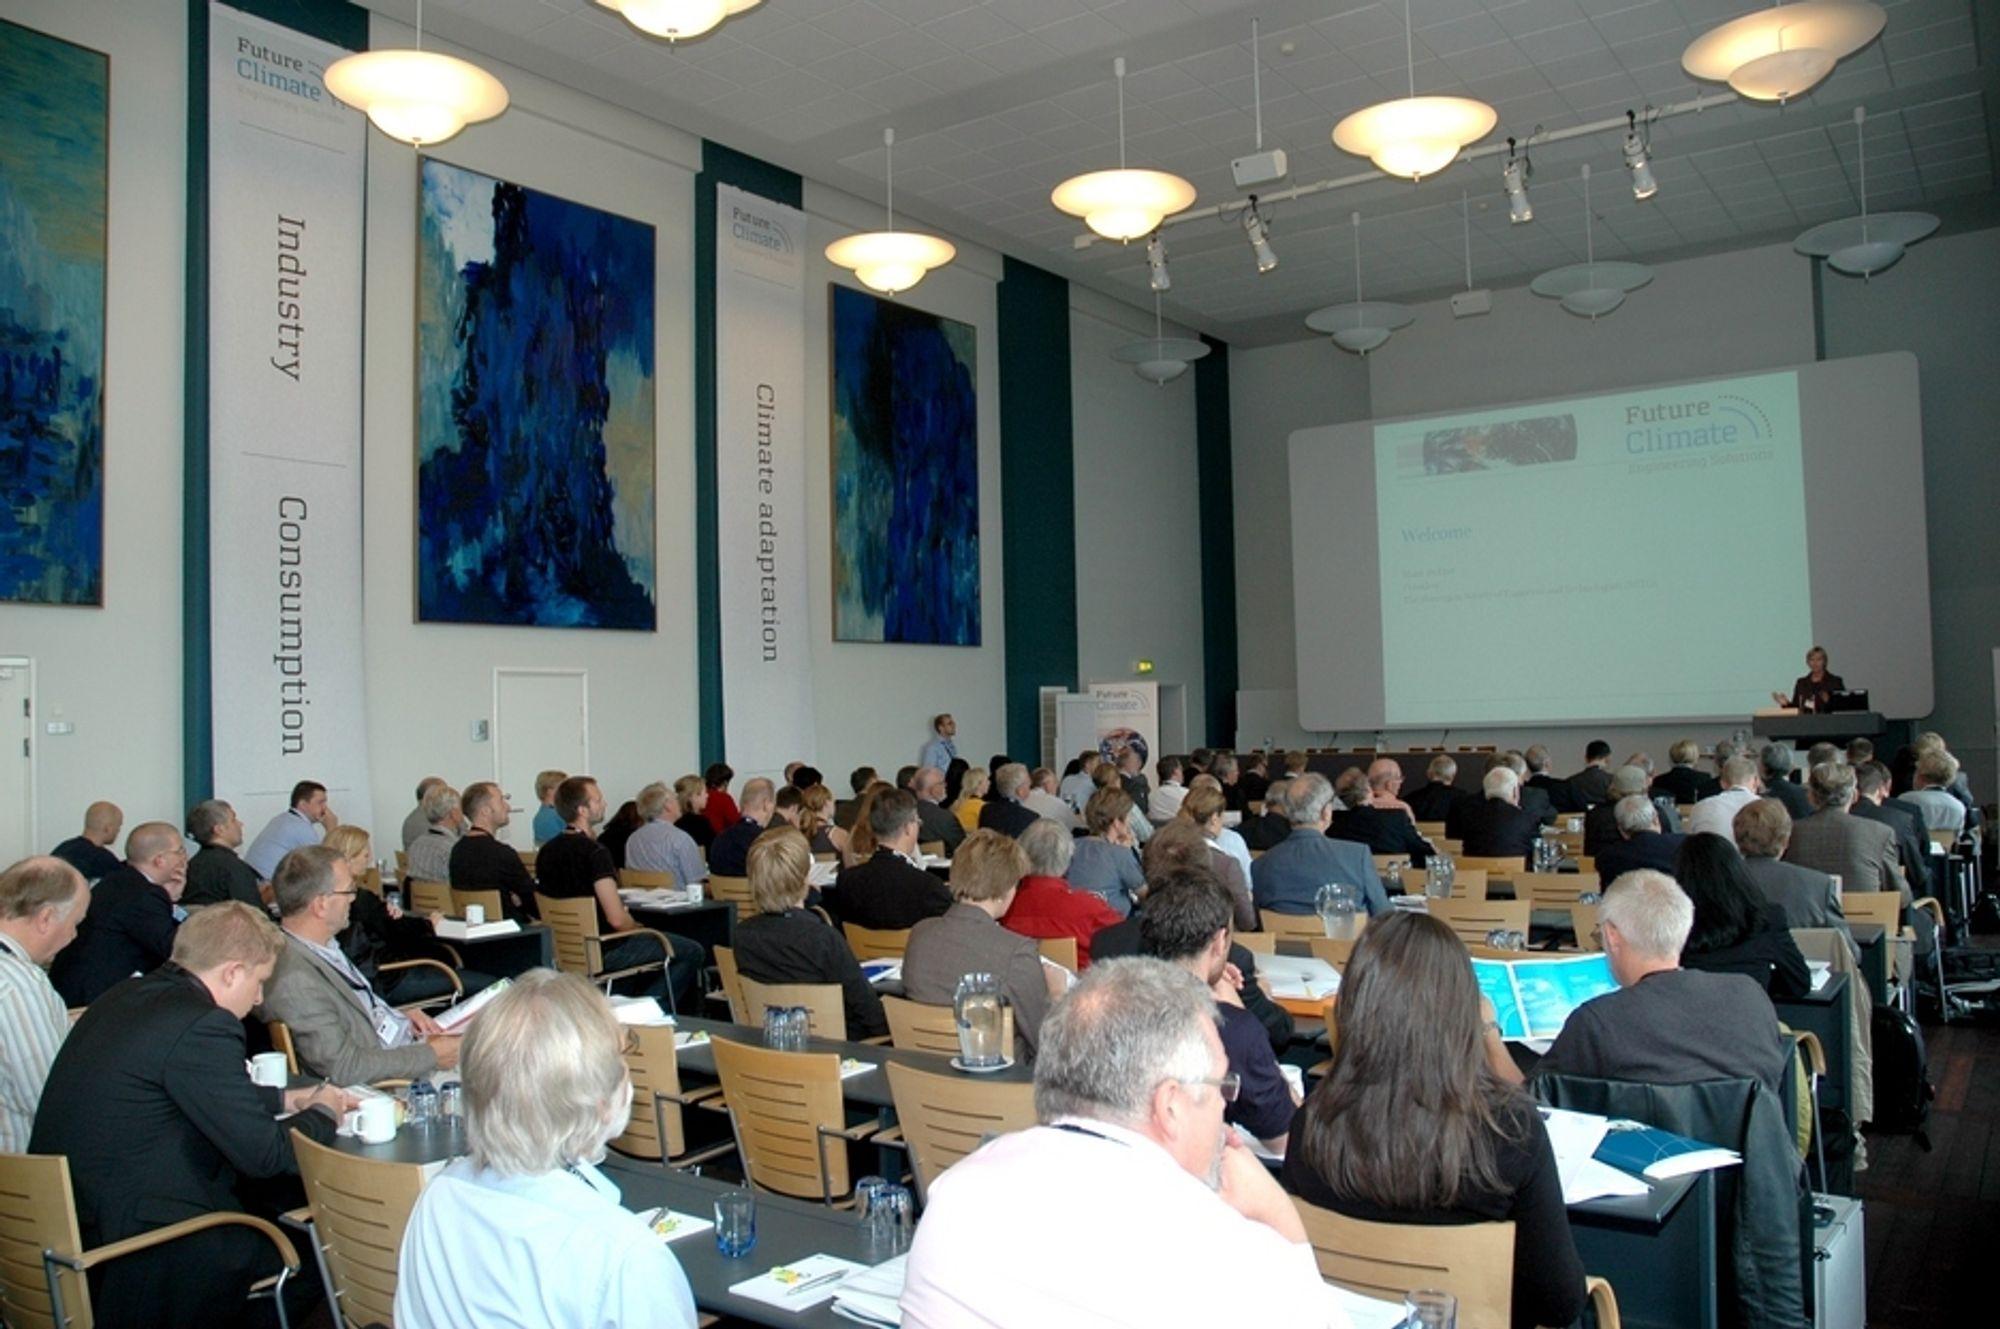 NY RAPPORT: NITO-president Marit Stykket åpner klimakonferansen i København. Senere skal en klimarapport laget av en rekke ingeniørorganisasjoner legges fram.